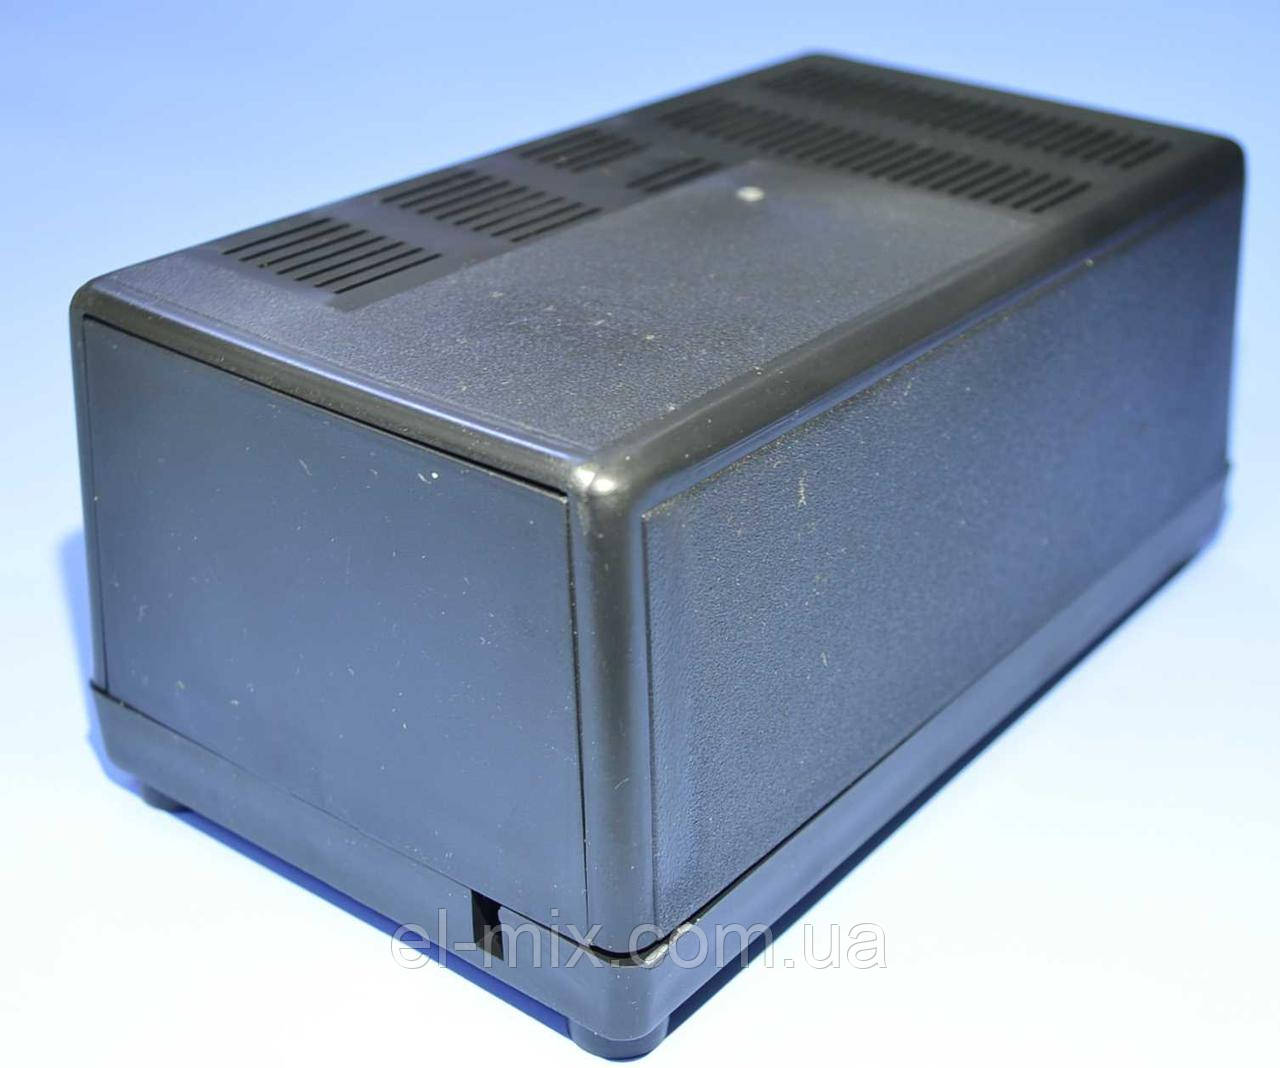 Корпус пластмассовый  Z-40W  100х180х74 (ш*д*в)  Kradex